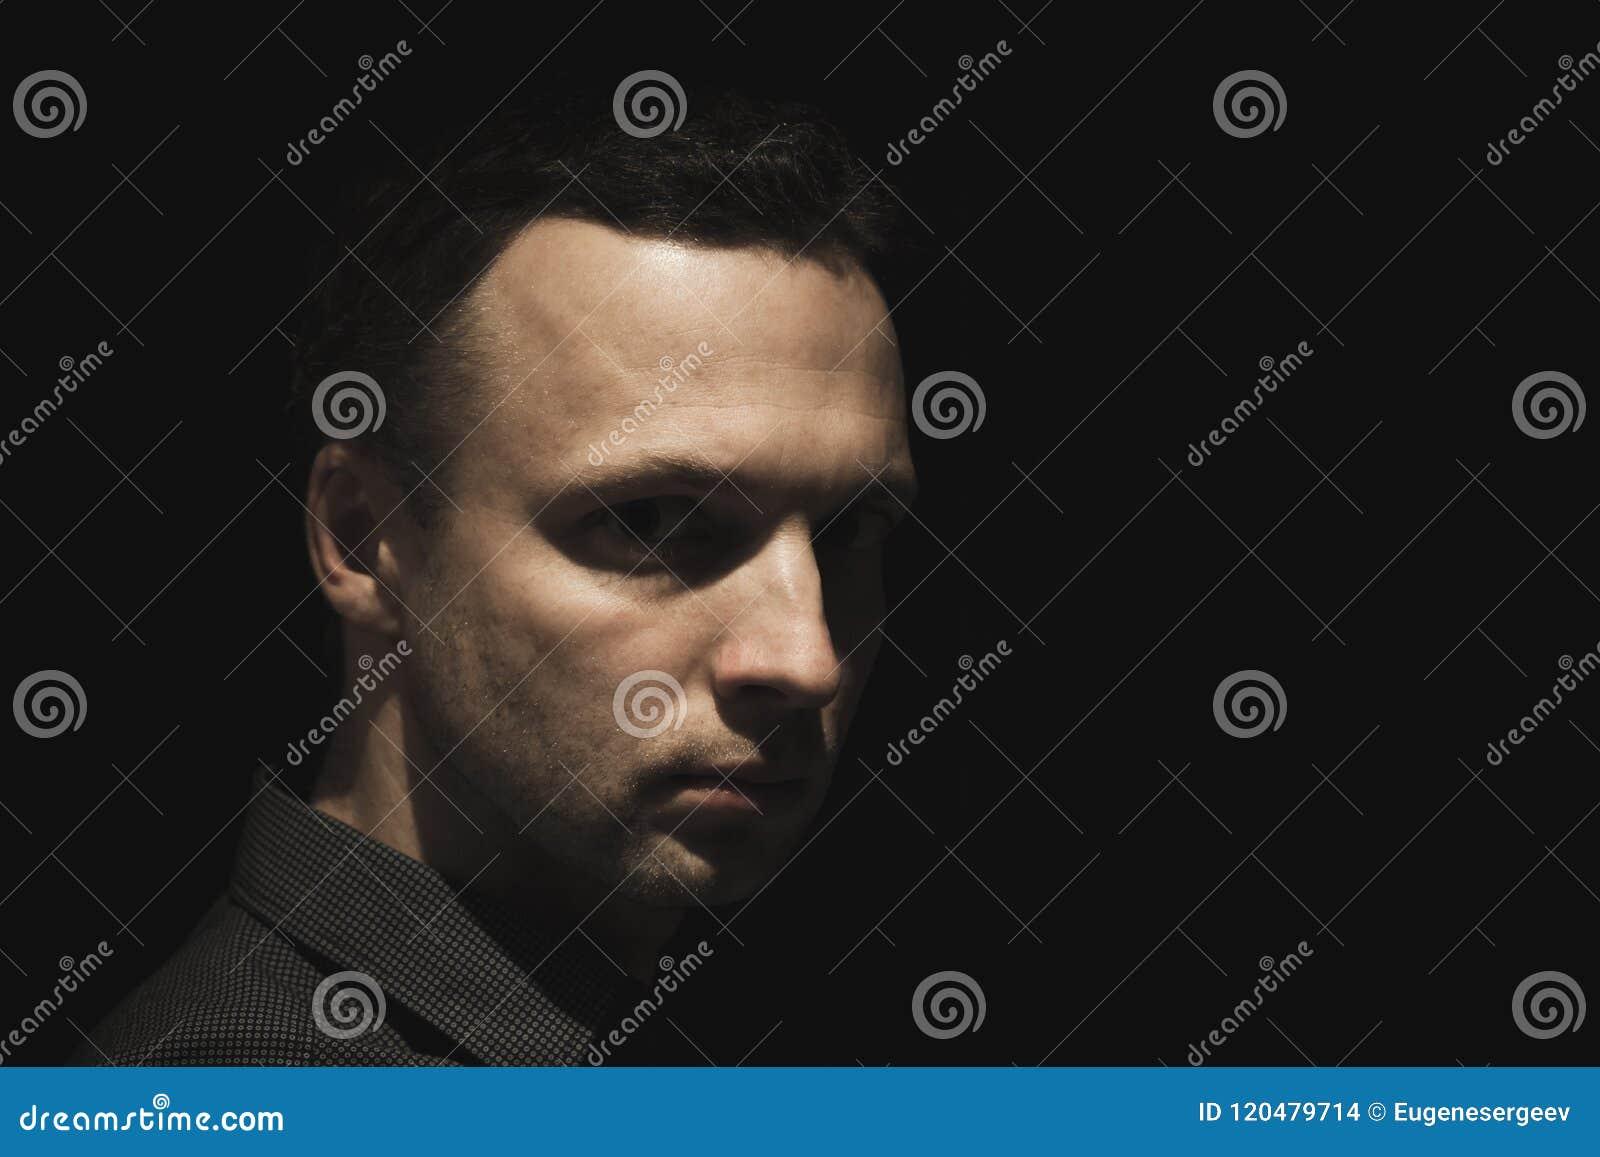 Πορτρέτο του νέου ευρωπαϊκού ατόμου πέρα από το Μαύρο